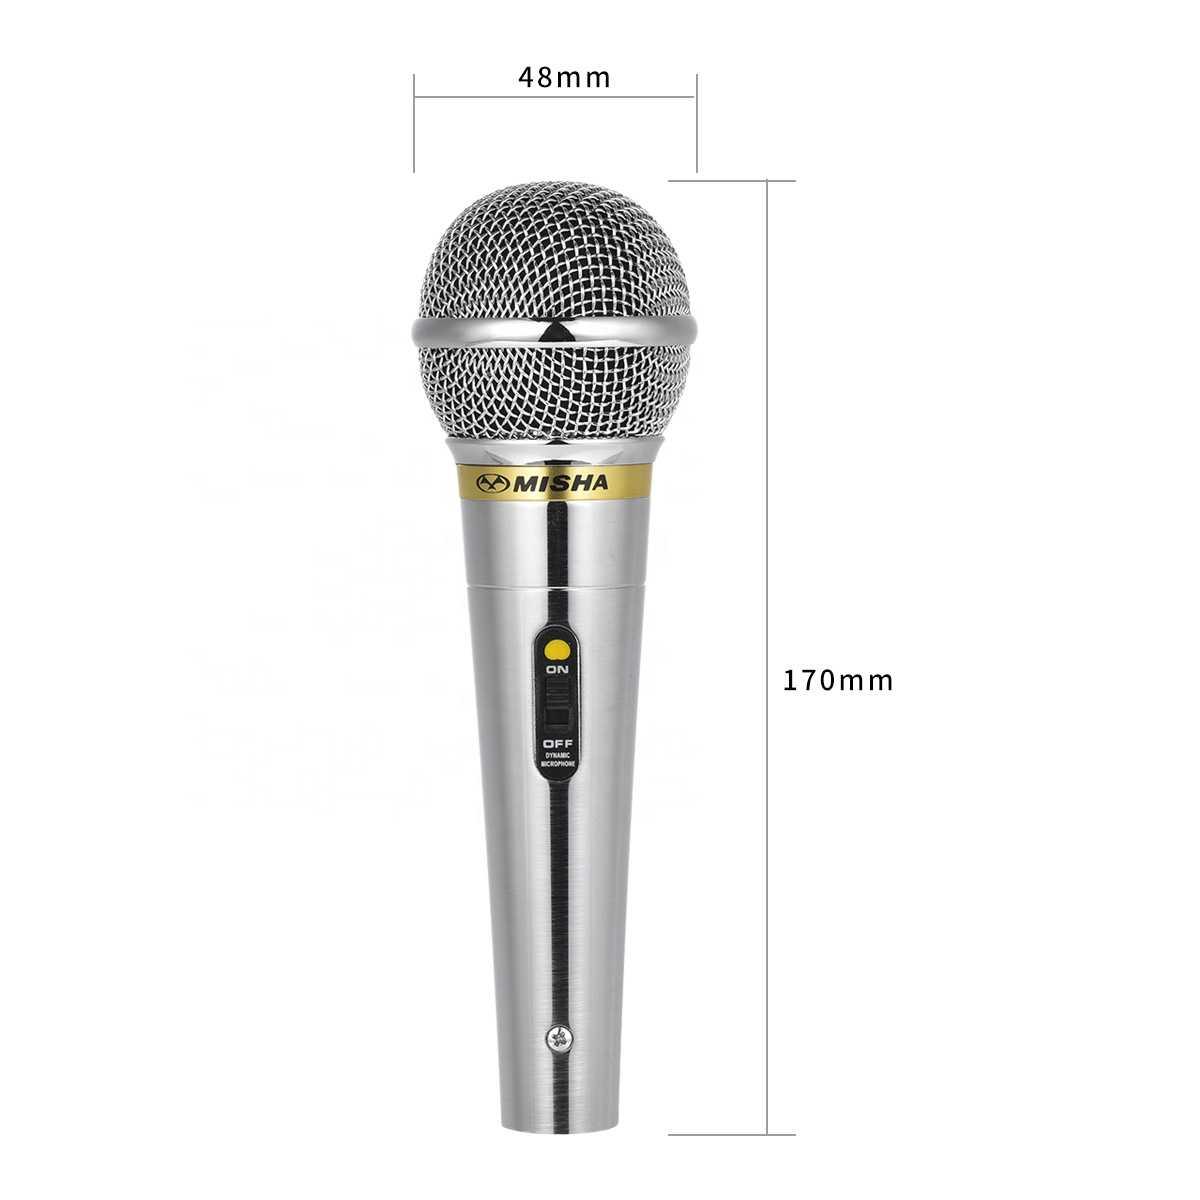 Какой микрофон караоке лучше